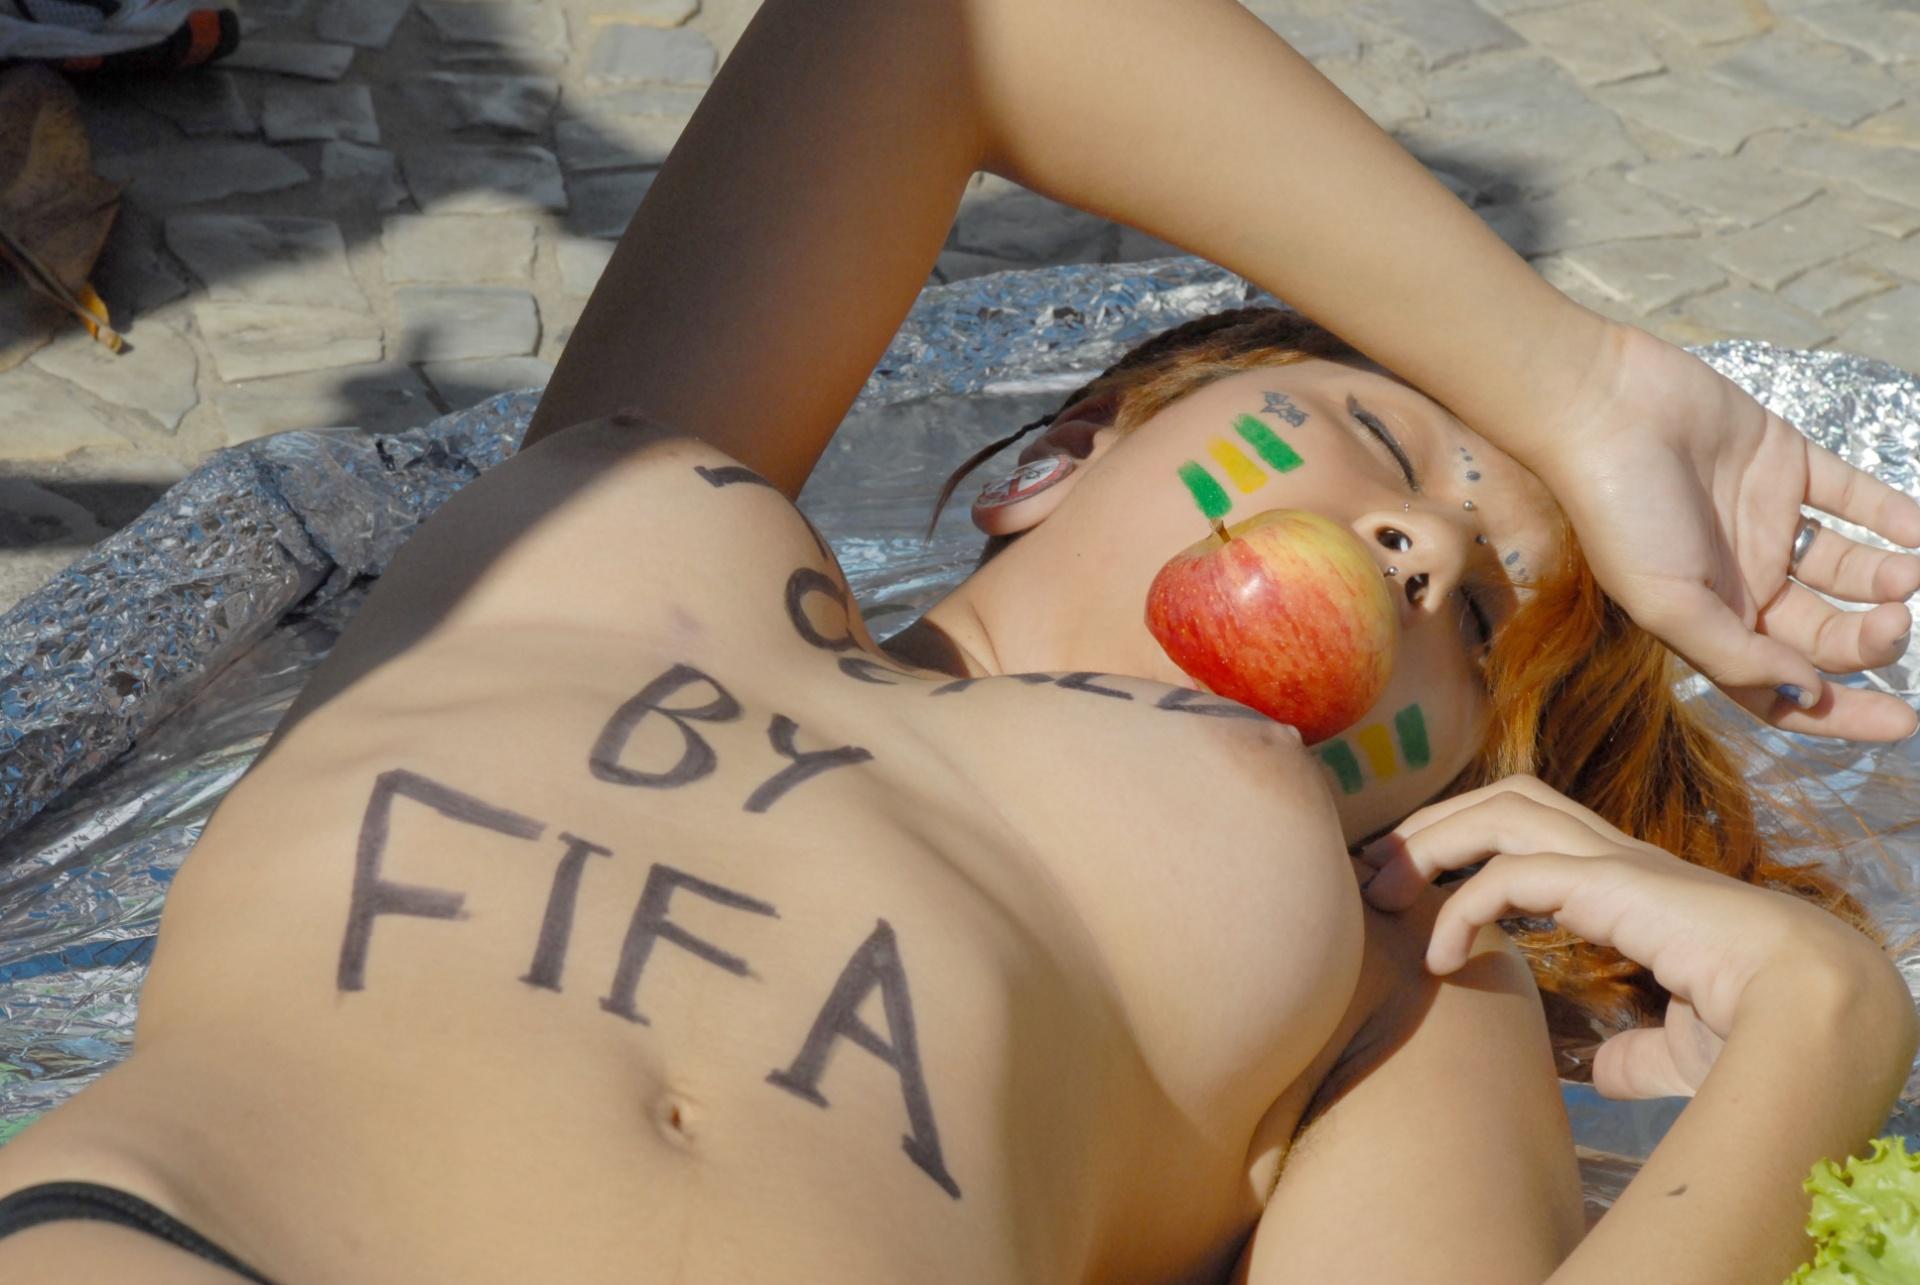 6.jul.2014 - Nua e com uma maçã na boca, uma ativista do movimento Bastardxs, que tem como líder Sara Winter, ex-integrante do Femen, protesta contra o turismo sexual durante a Copa do Mundo, no calçadão da praia de Copacabana, na zona sul do Rio de Janeiro. O ato ocorreu próximo ao local da Fifa Fan Fest